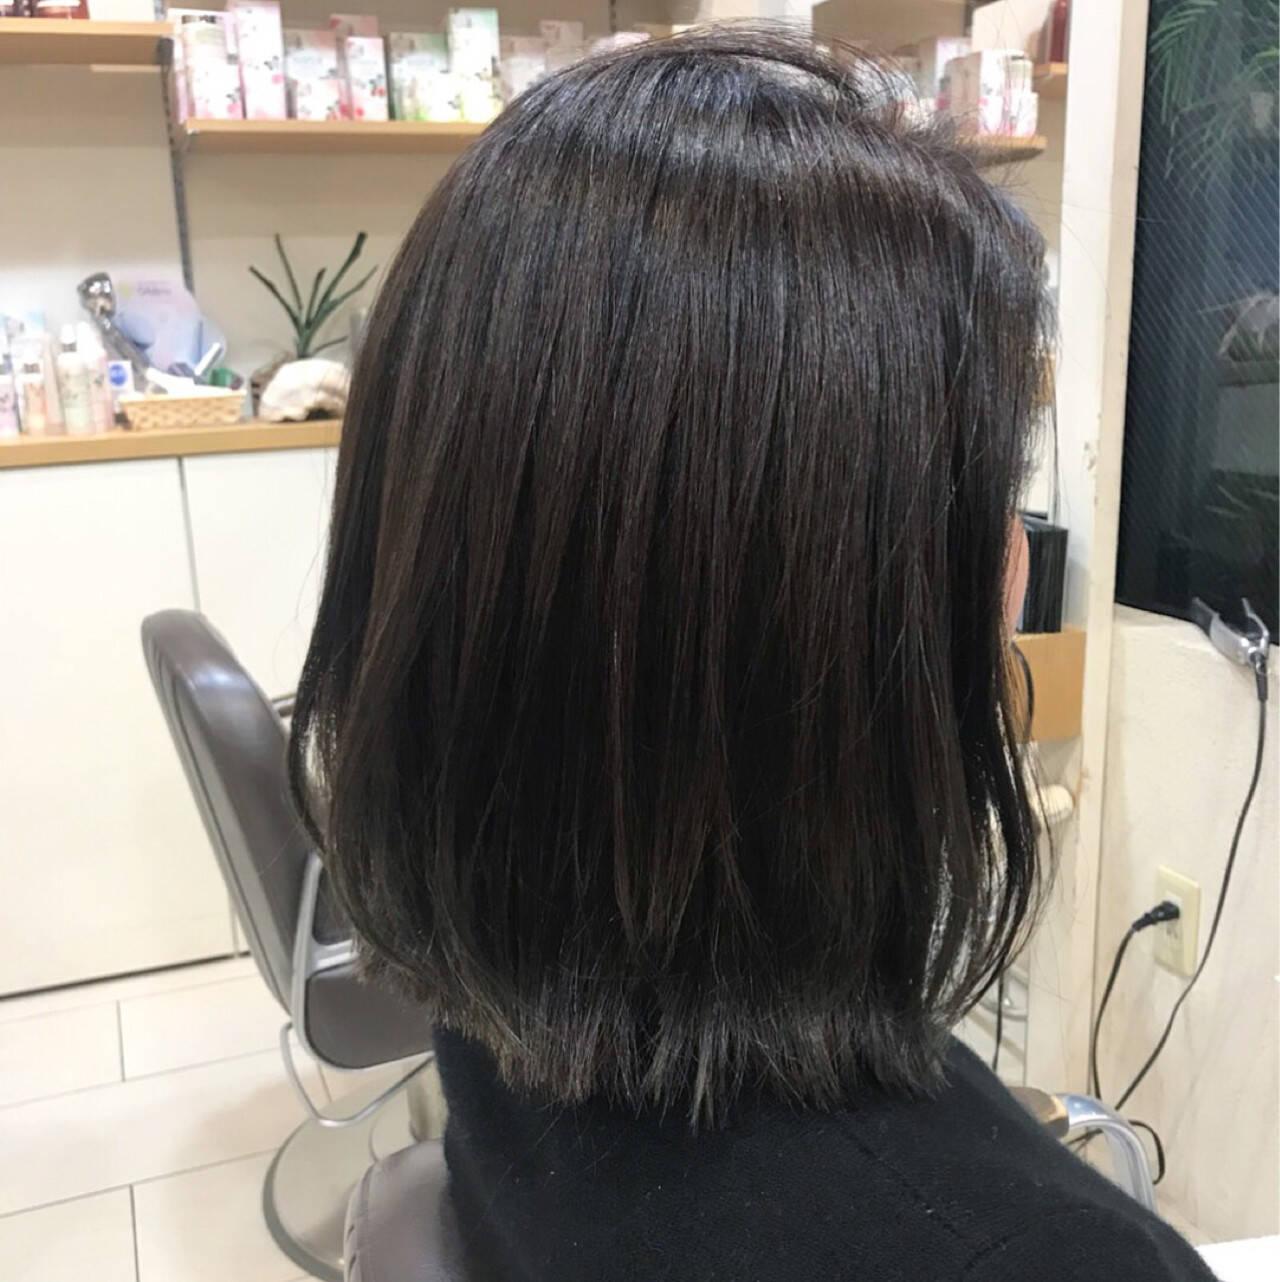 外ハネ 艶髪 ウェットヘア モードヘアスタイルや髪型の写真・画像